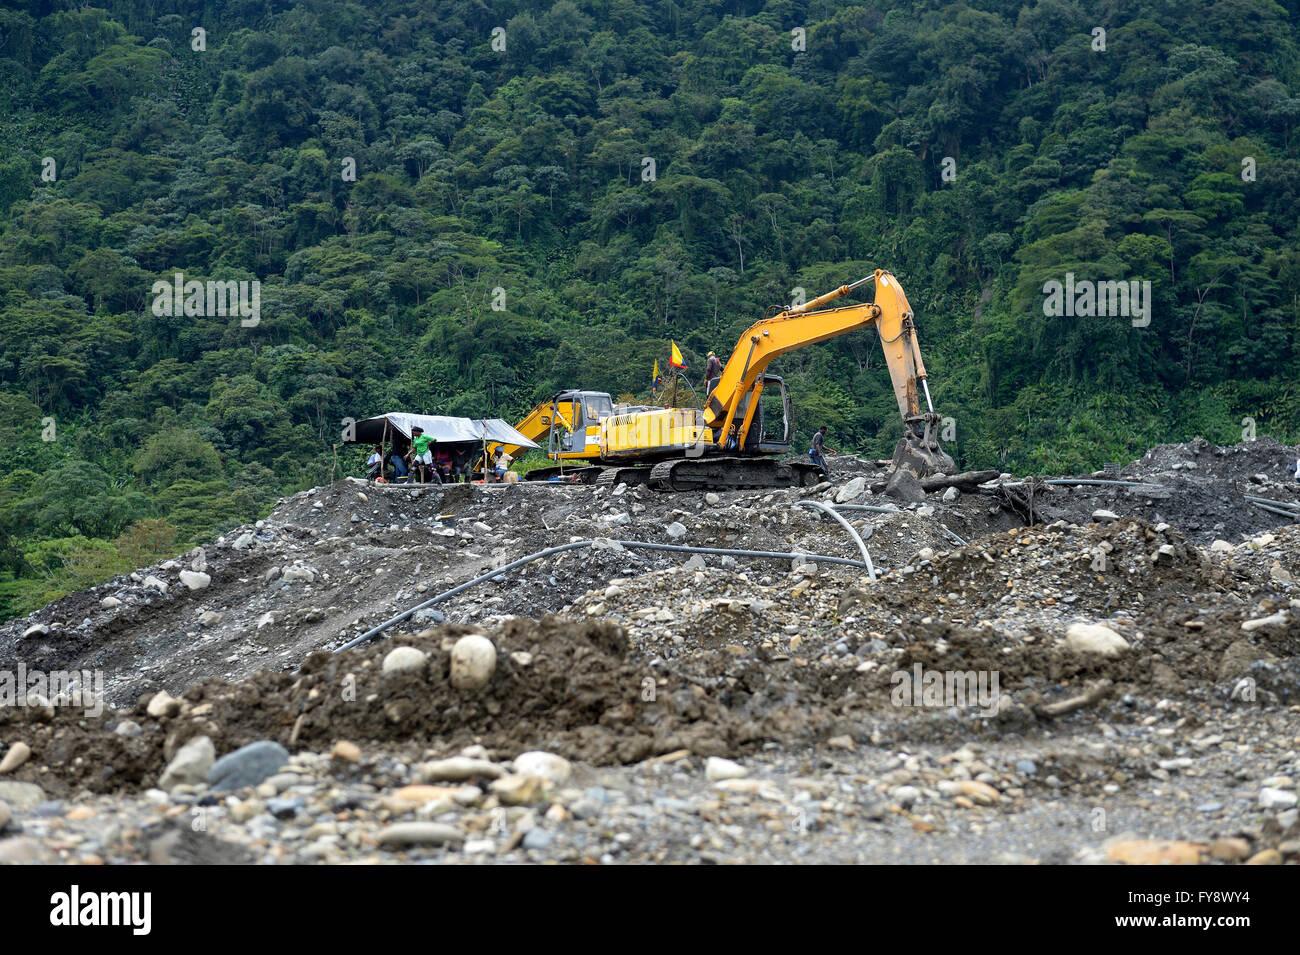 Colombia, Departamento del Choco, illegal gold mine - Stock Image